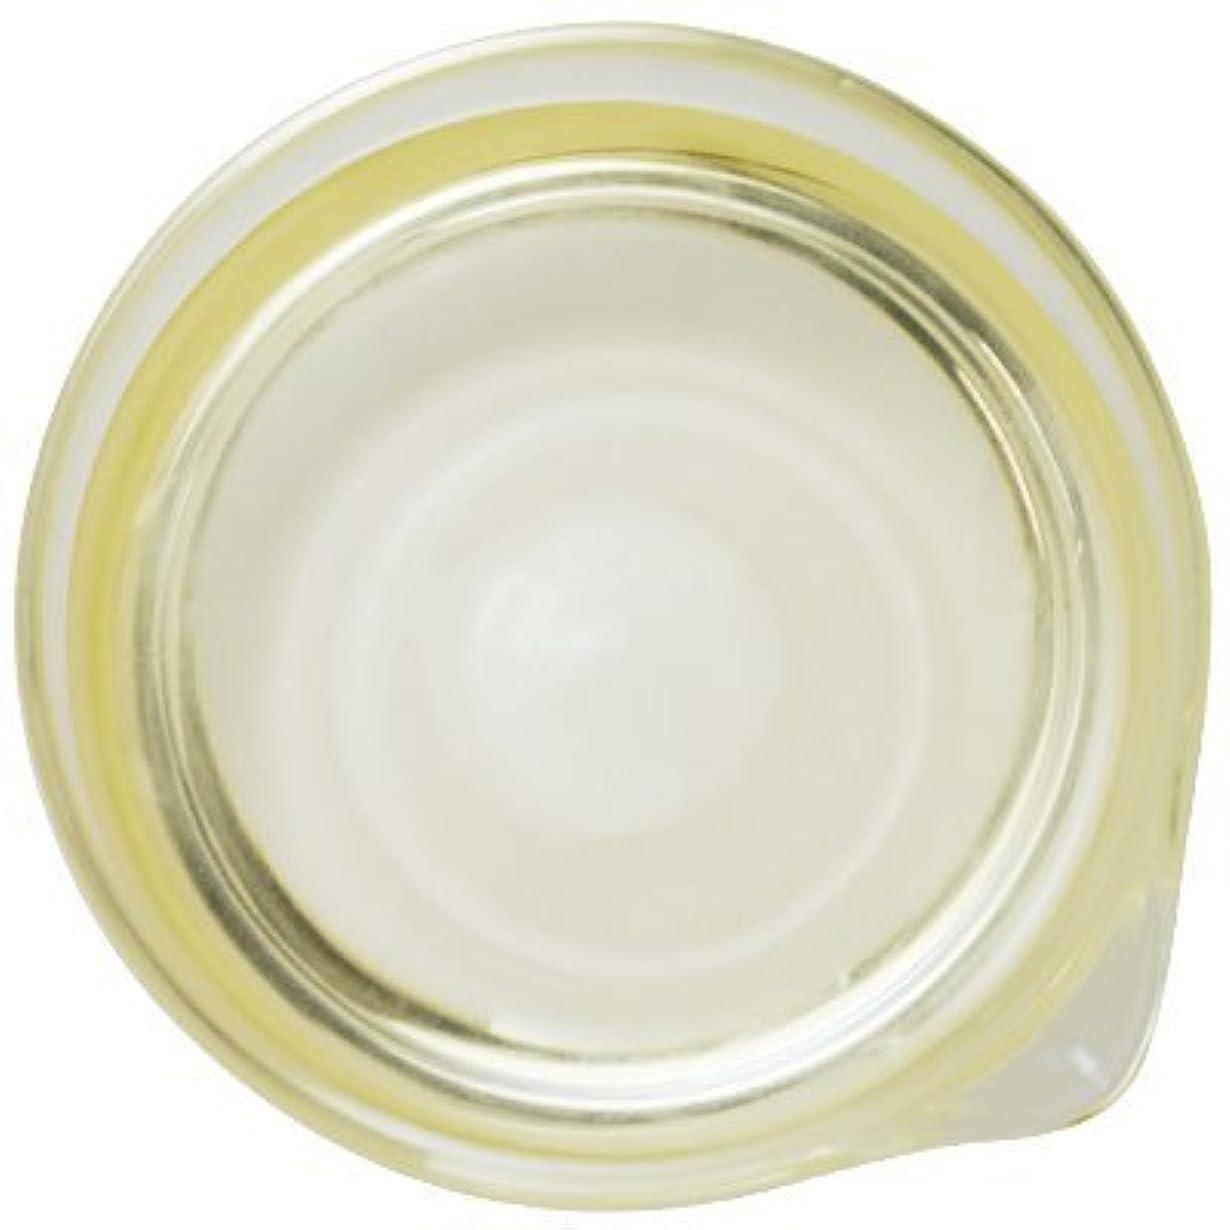 ブーム関係バーターセサミオイル 250ml [白ごま油]【手作り石鹸/手作りコスメ/ごま油】【birth】